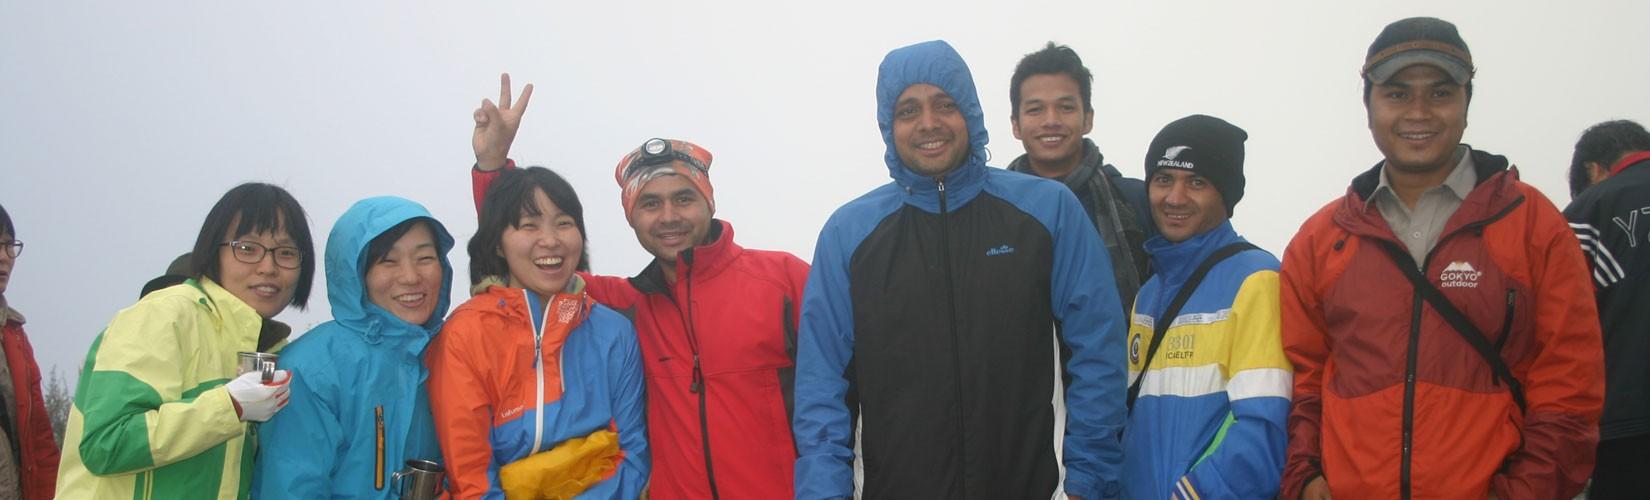 Royal Trekking